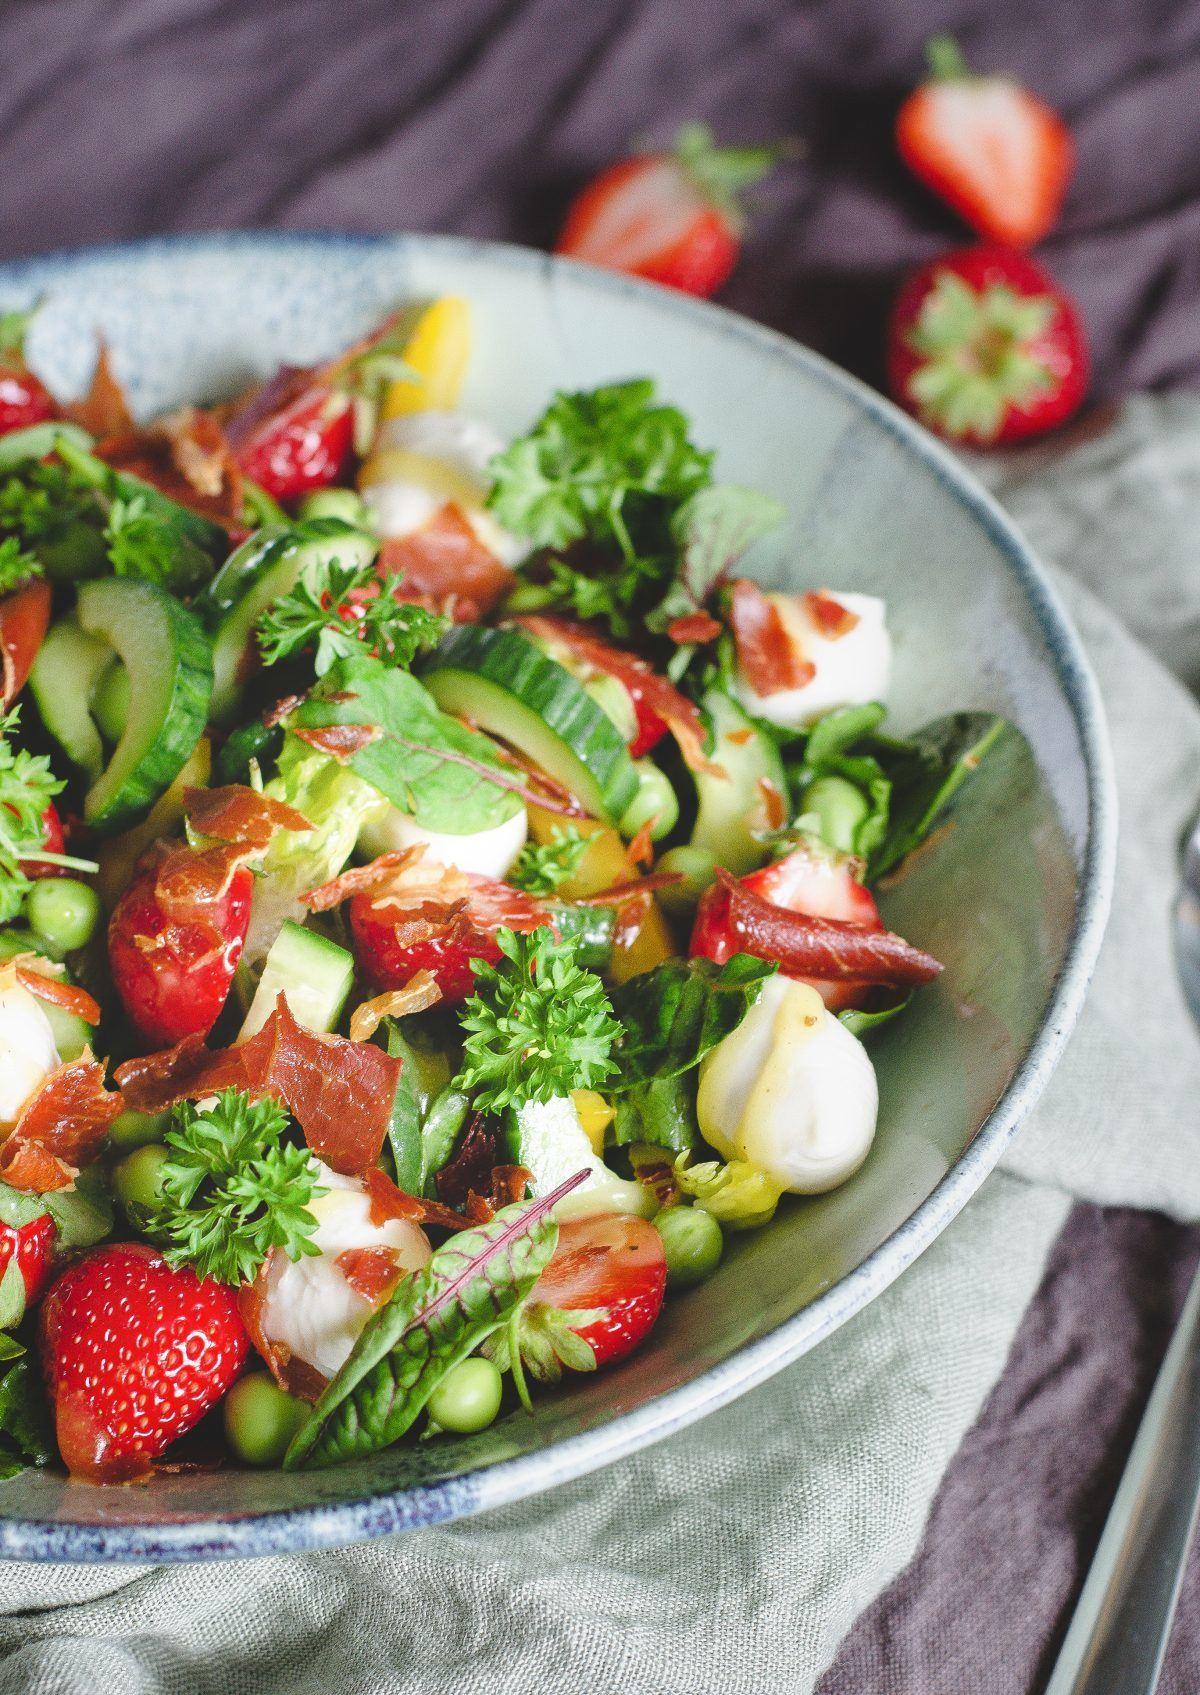 Jordbærsalat med serano og mozzarella